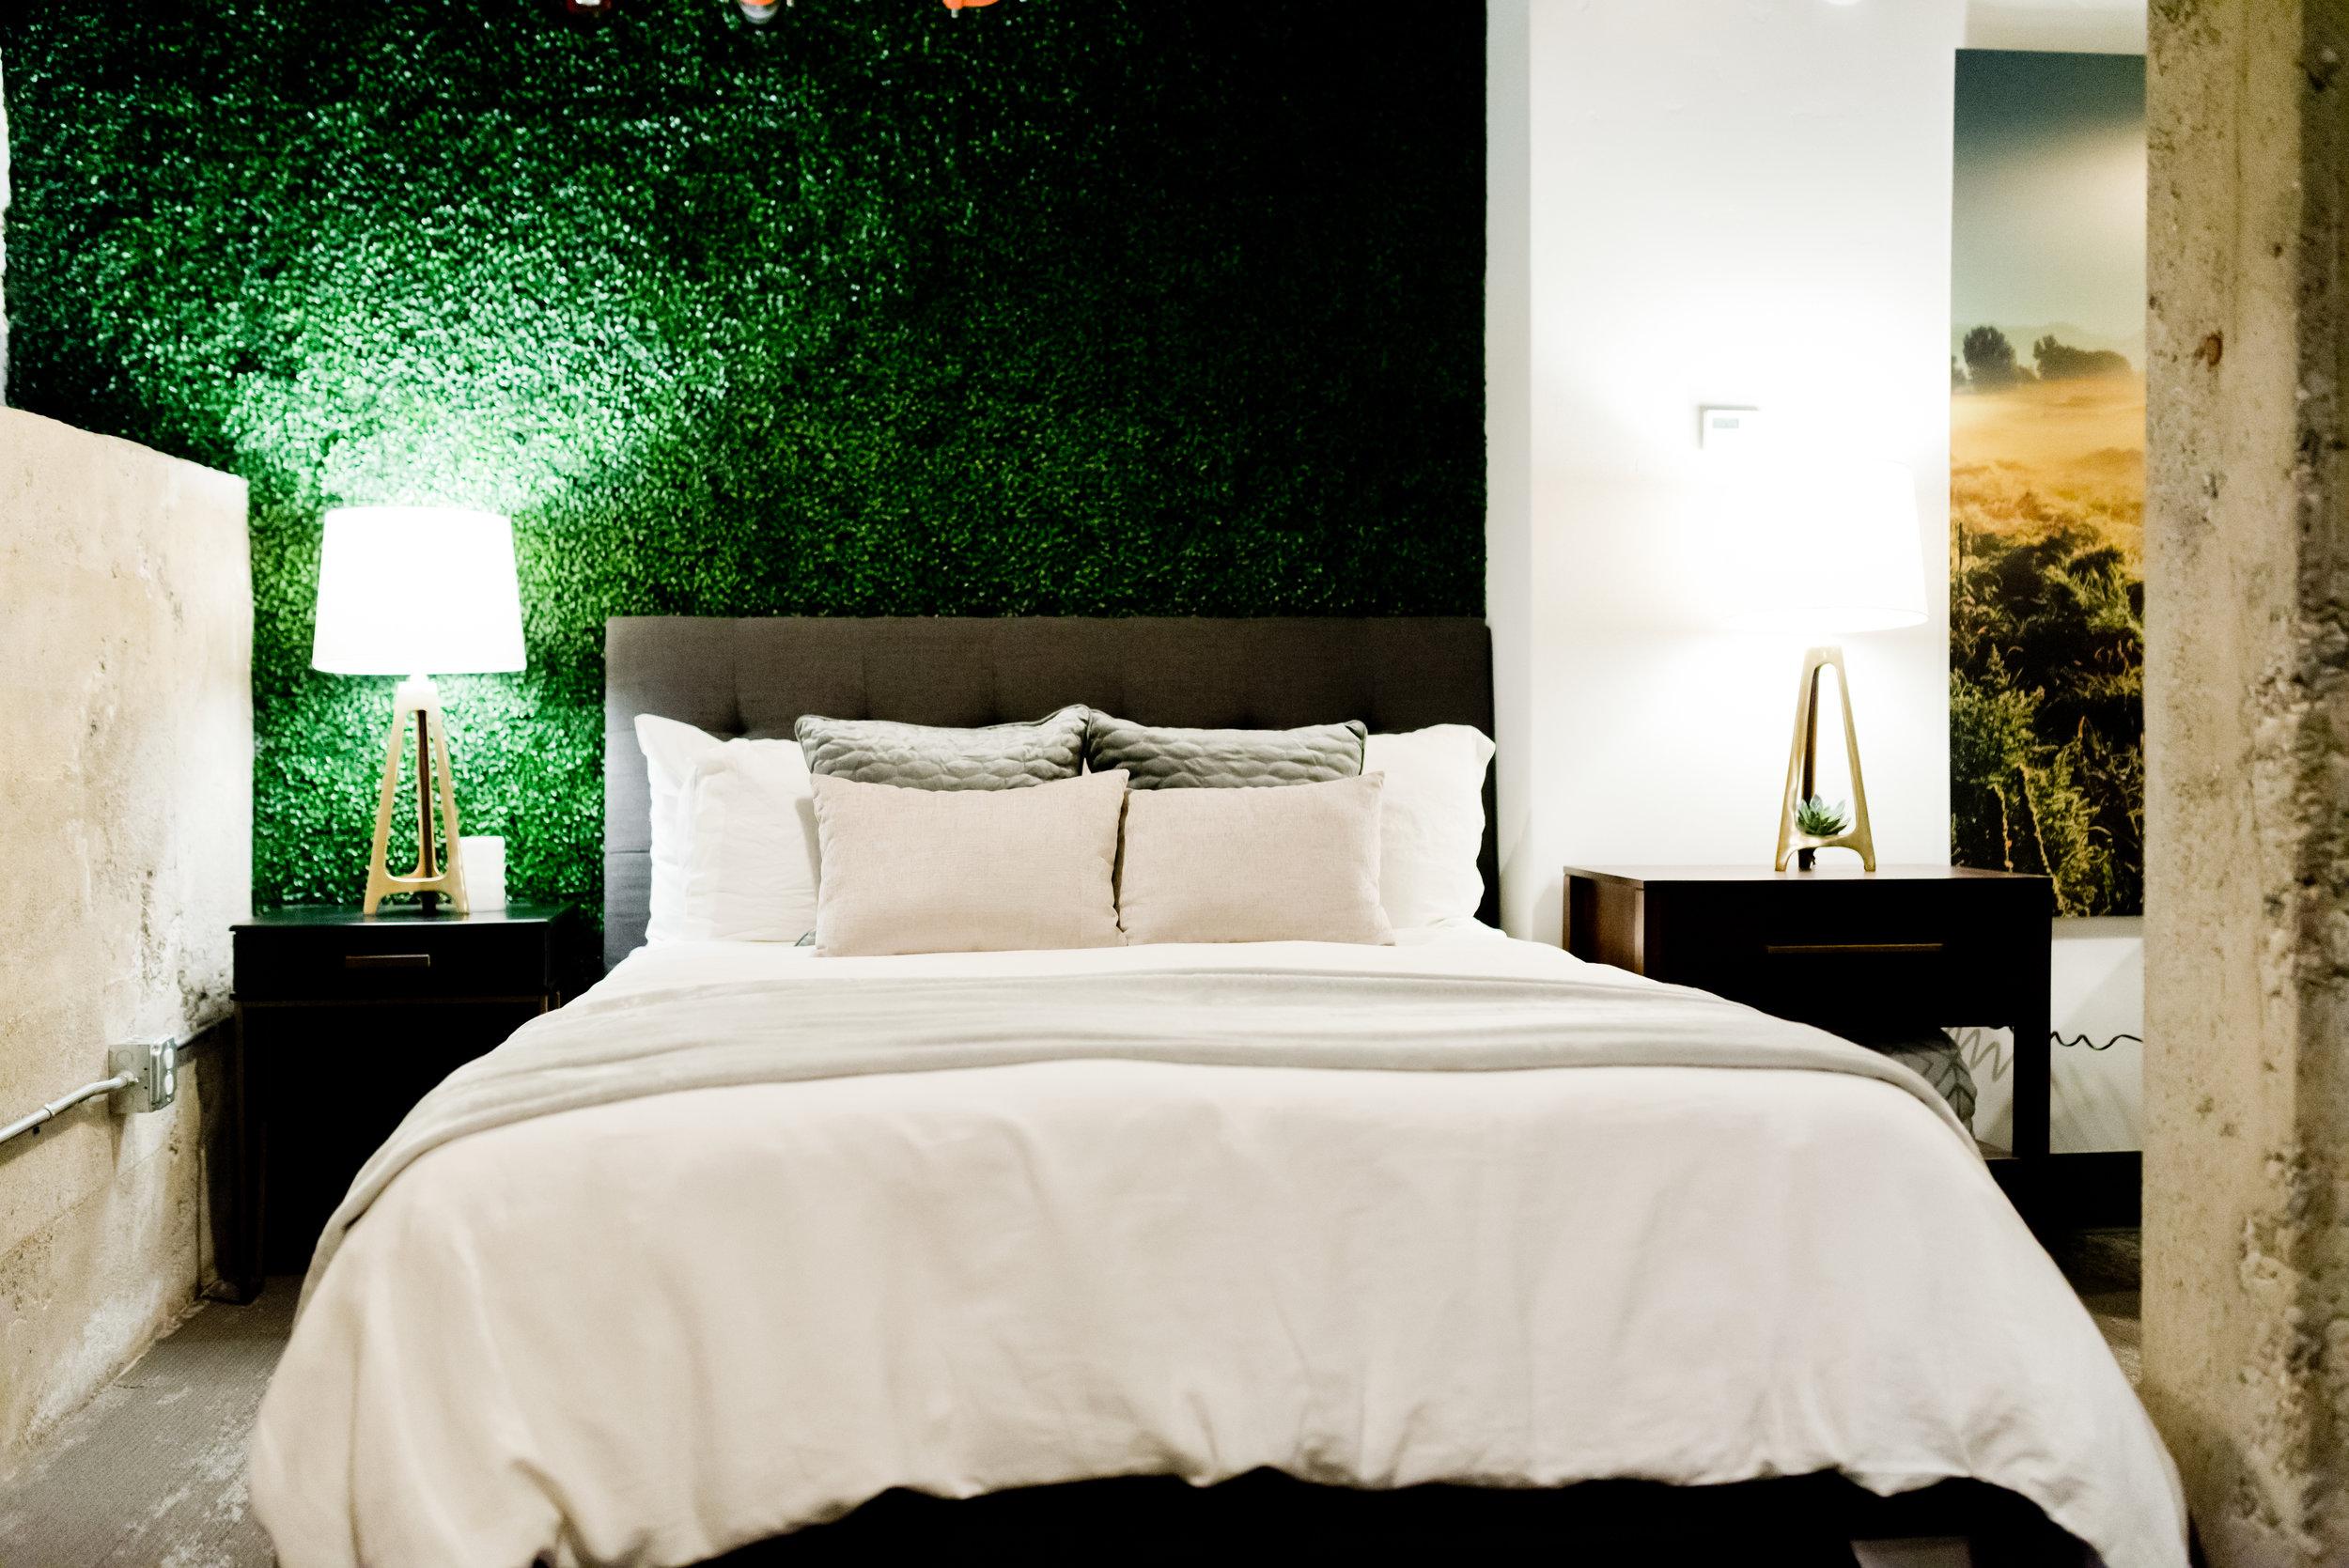 LowerFlatLuxurySuite_Bedroom_22EastCenter1.jpg